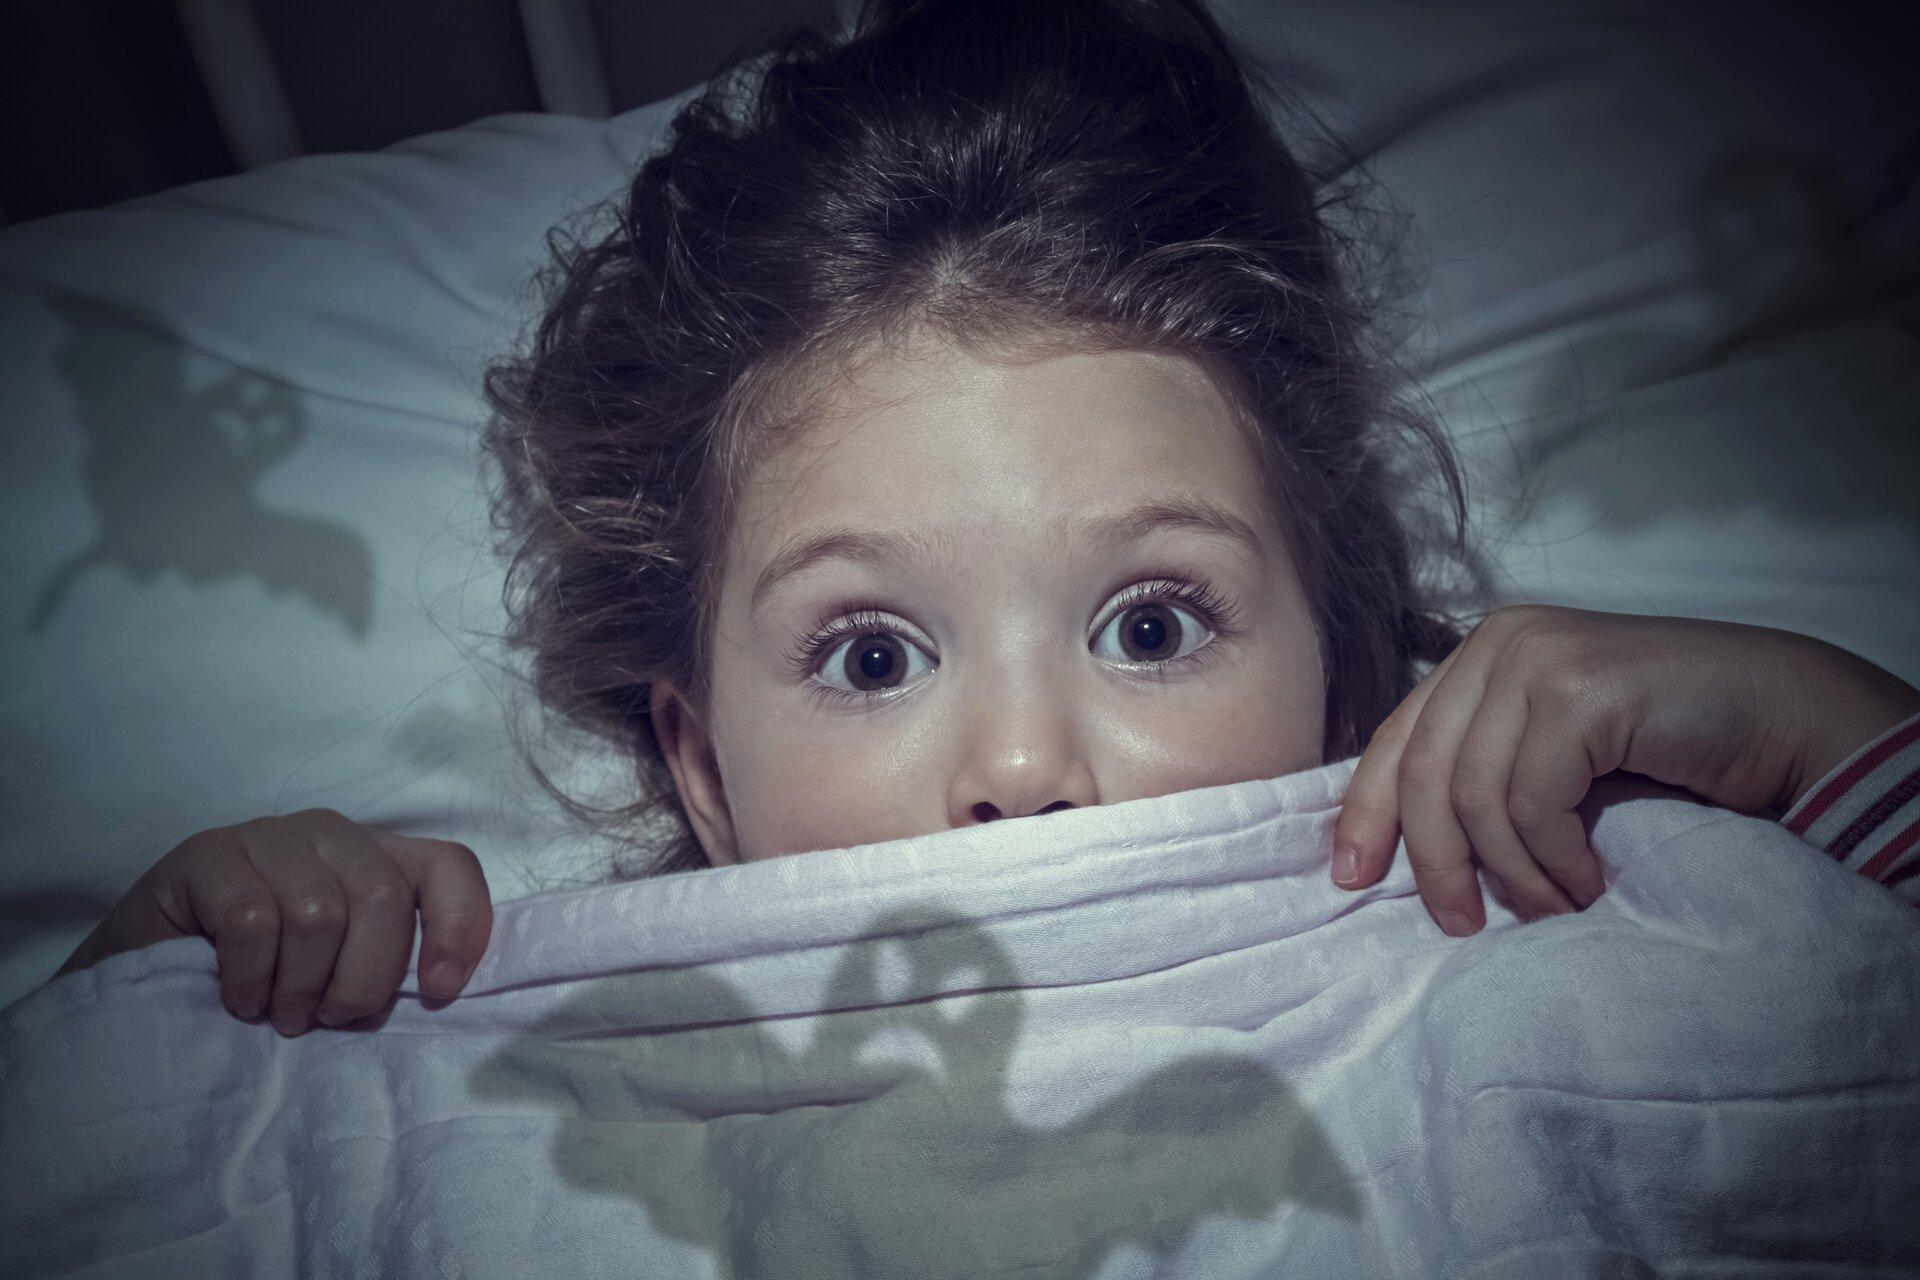 Ilustracja przedstawia przestraszoną dziewczynkę.